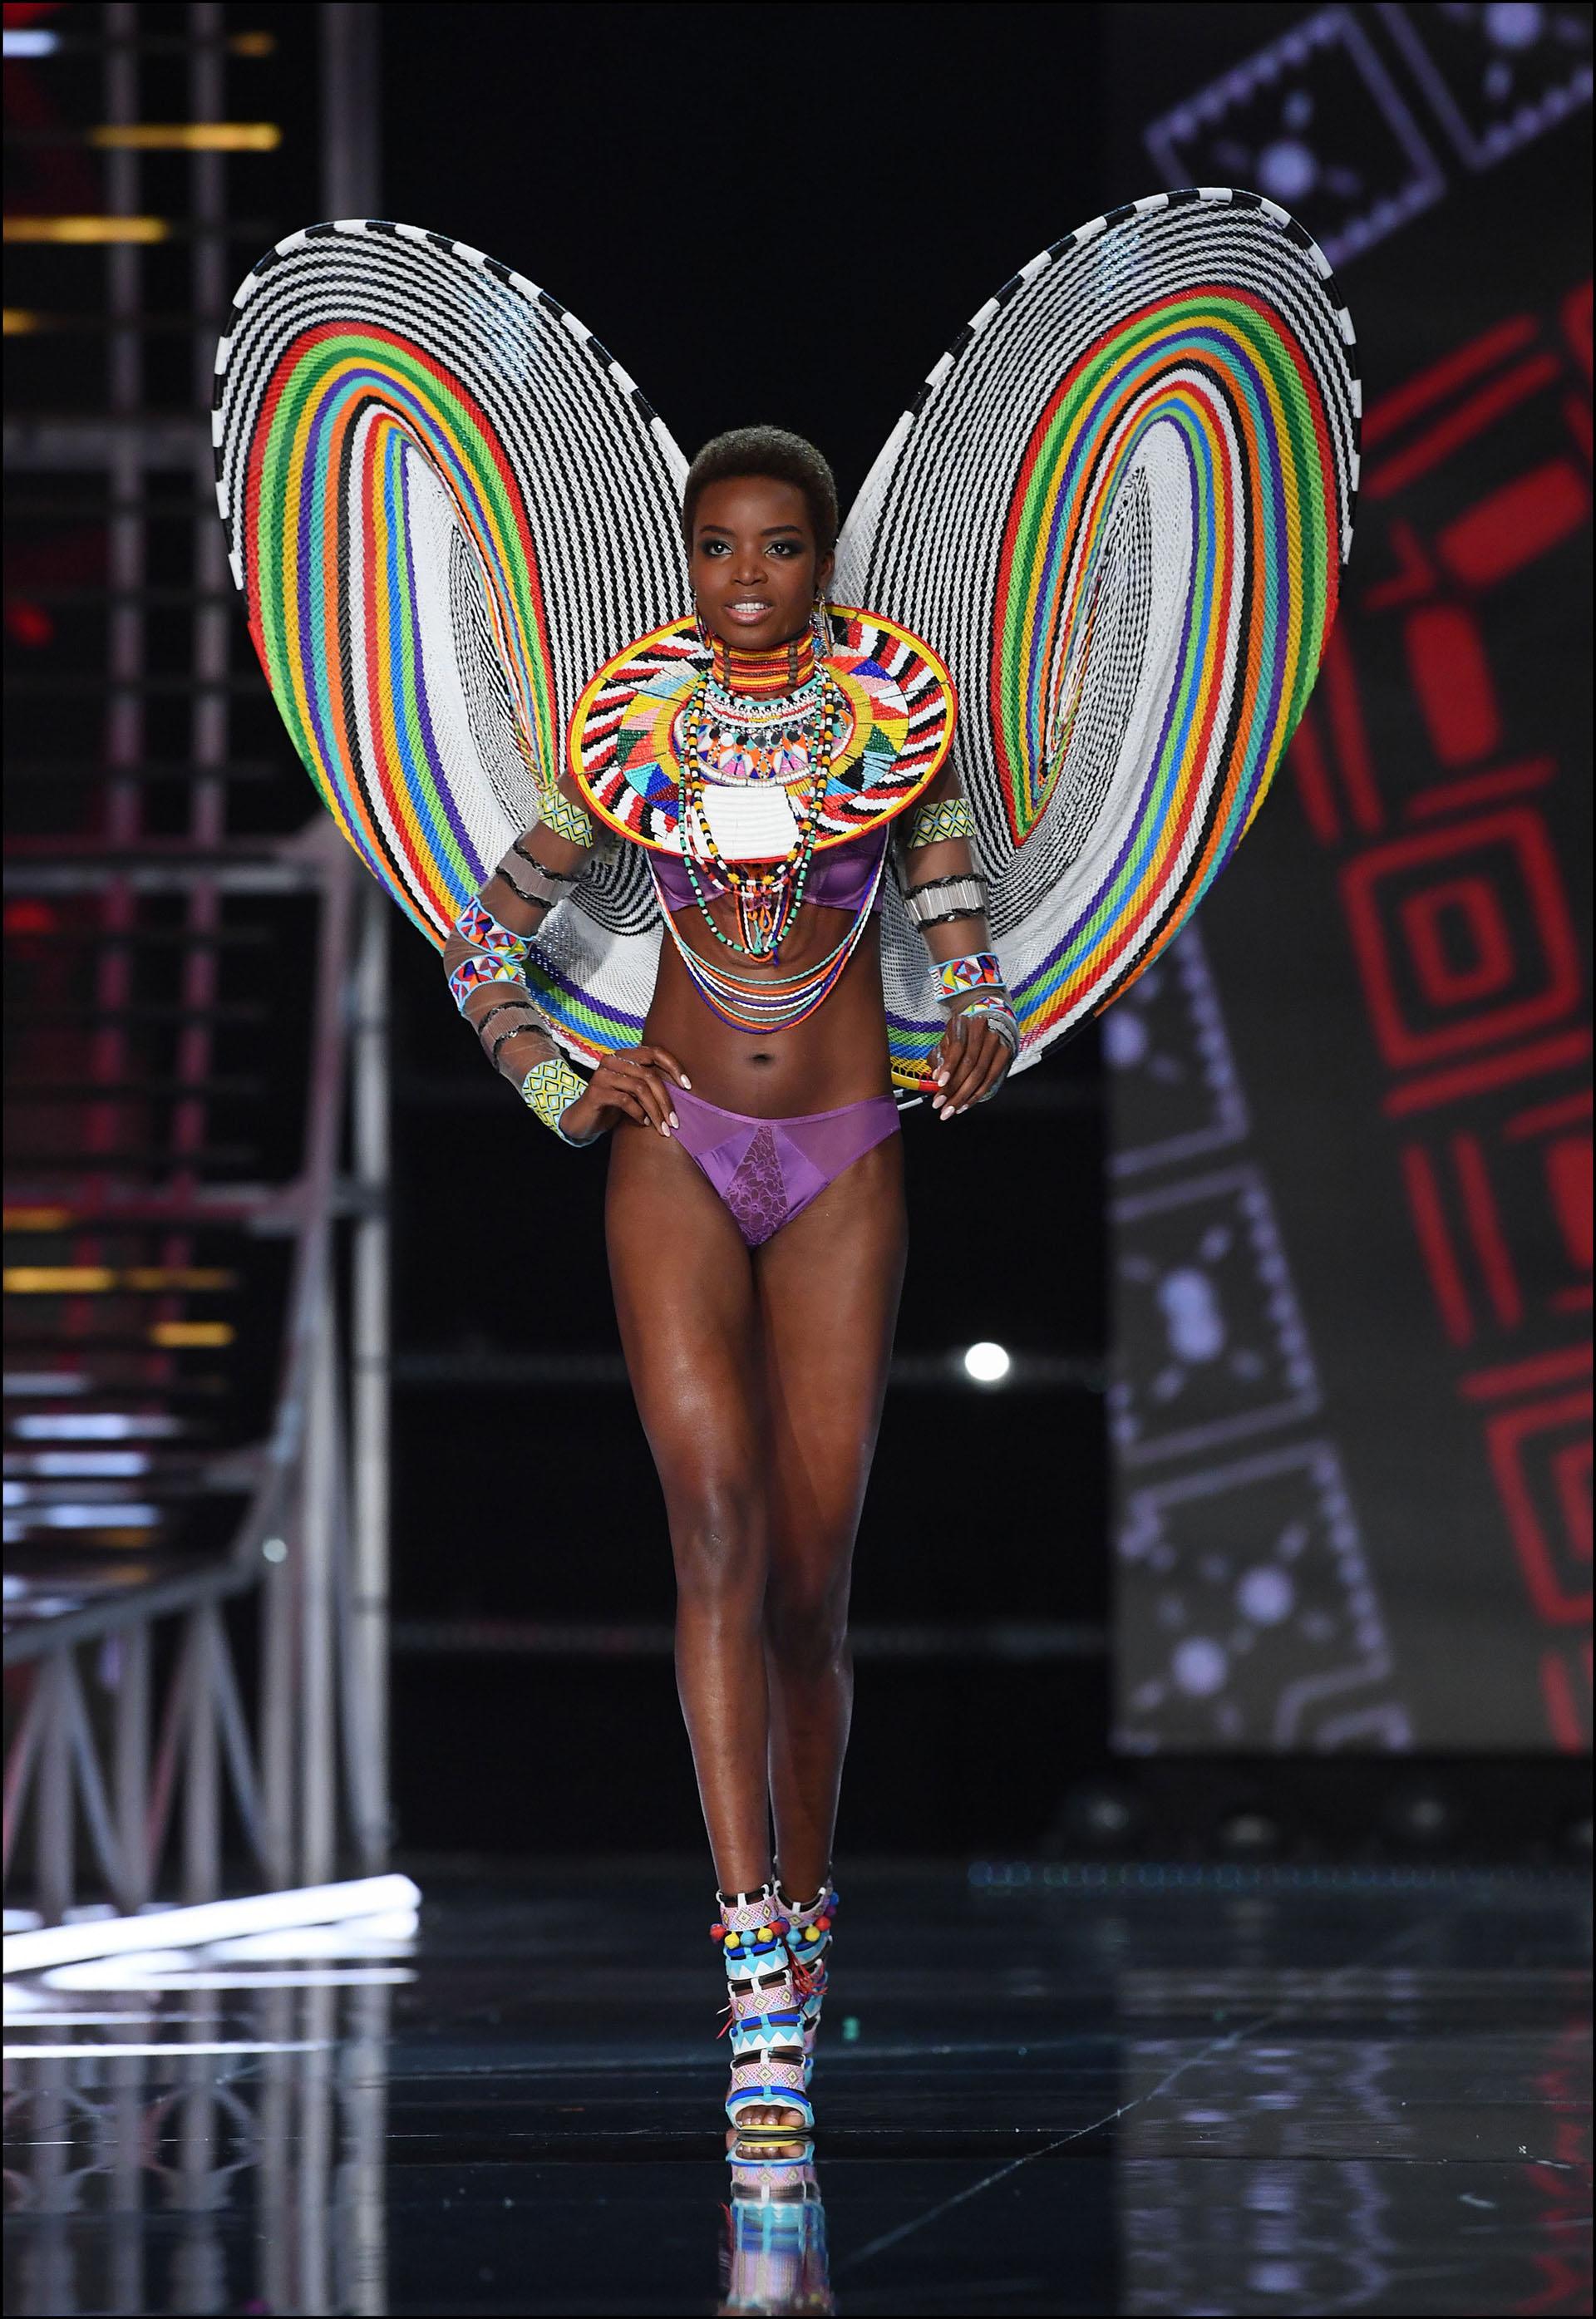 Maria Borges desplegando las imponentes alas características de la firma de lencería